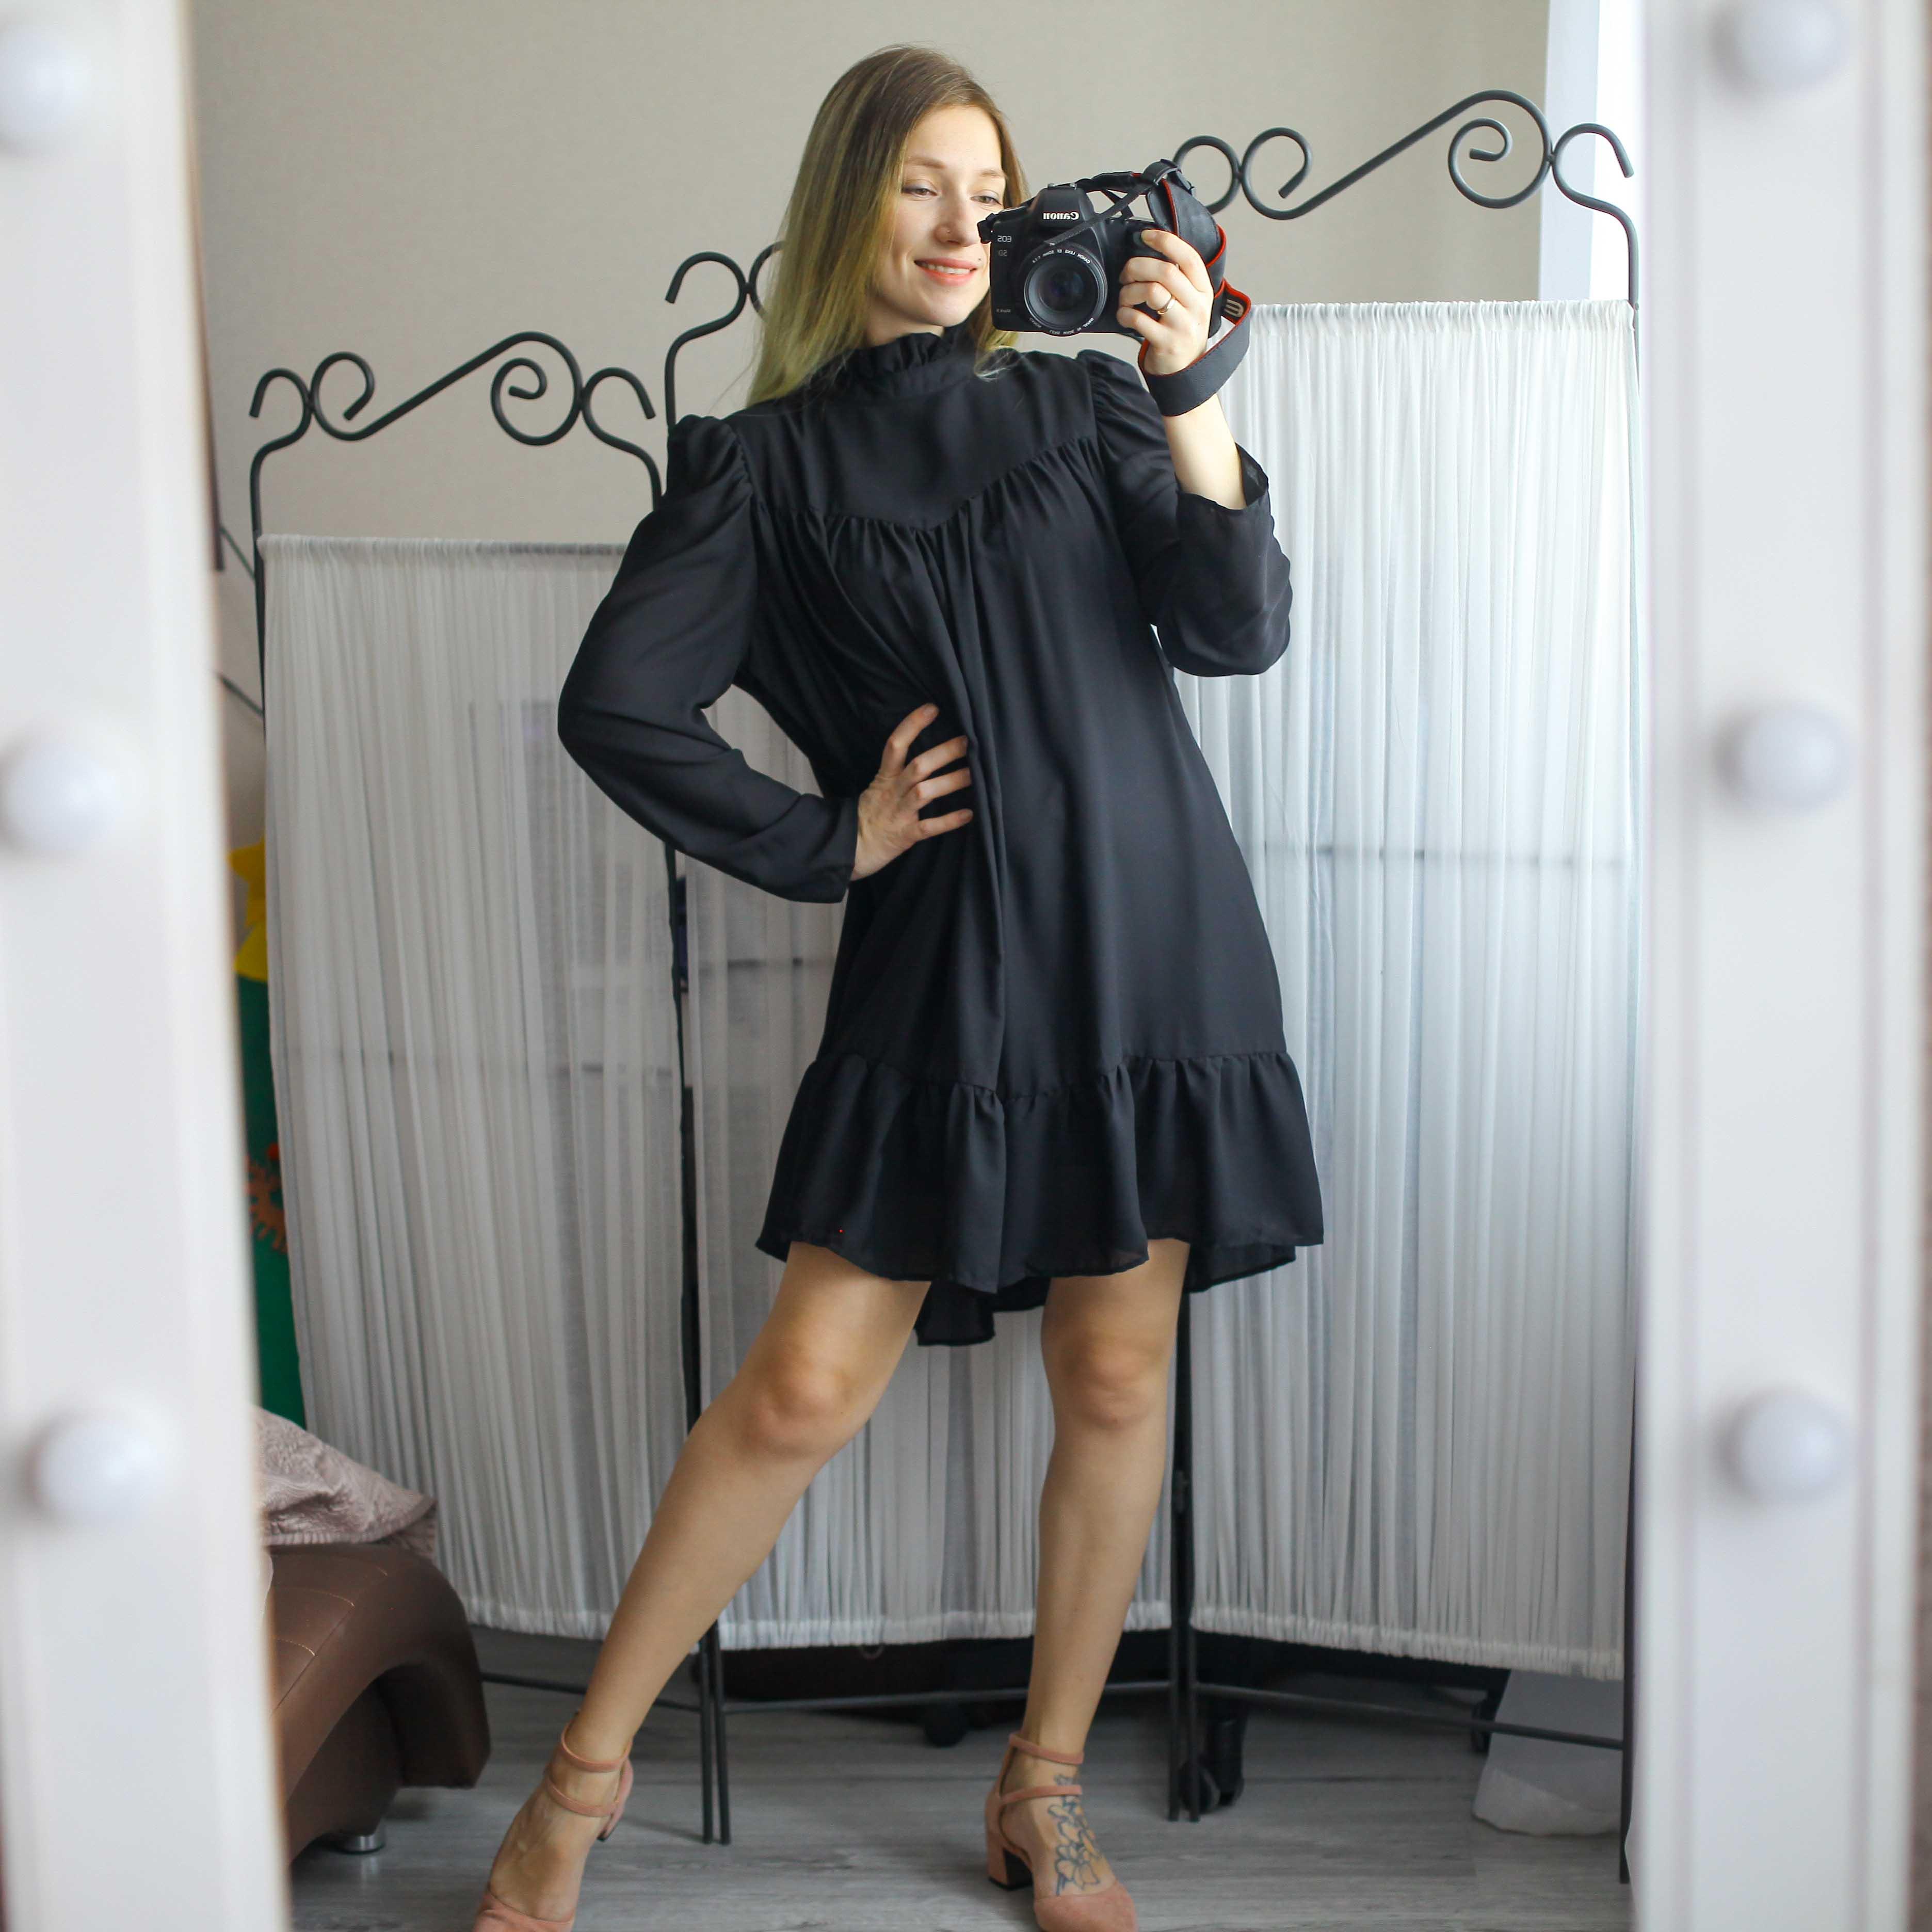 Hot 2019 autumn new fashion women's temperament commuter puff sleeve small high collar natural A word knee Chiffon dress reviews №3 342848